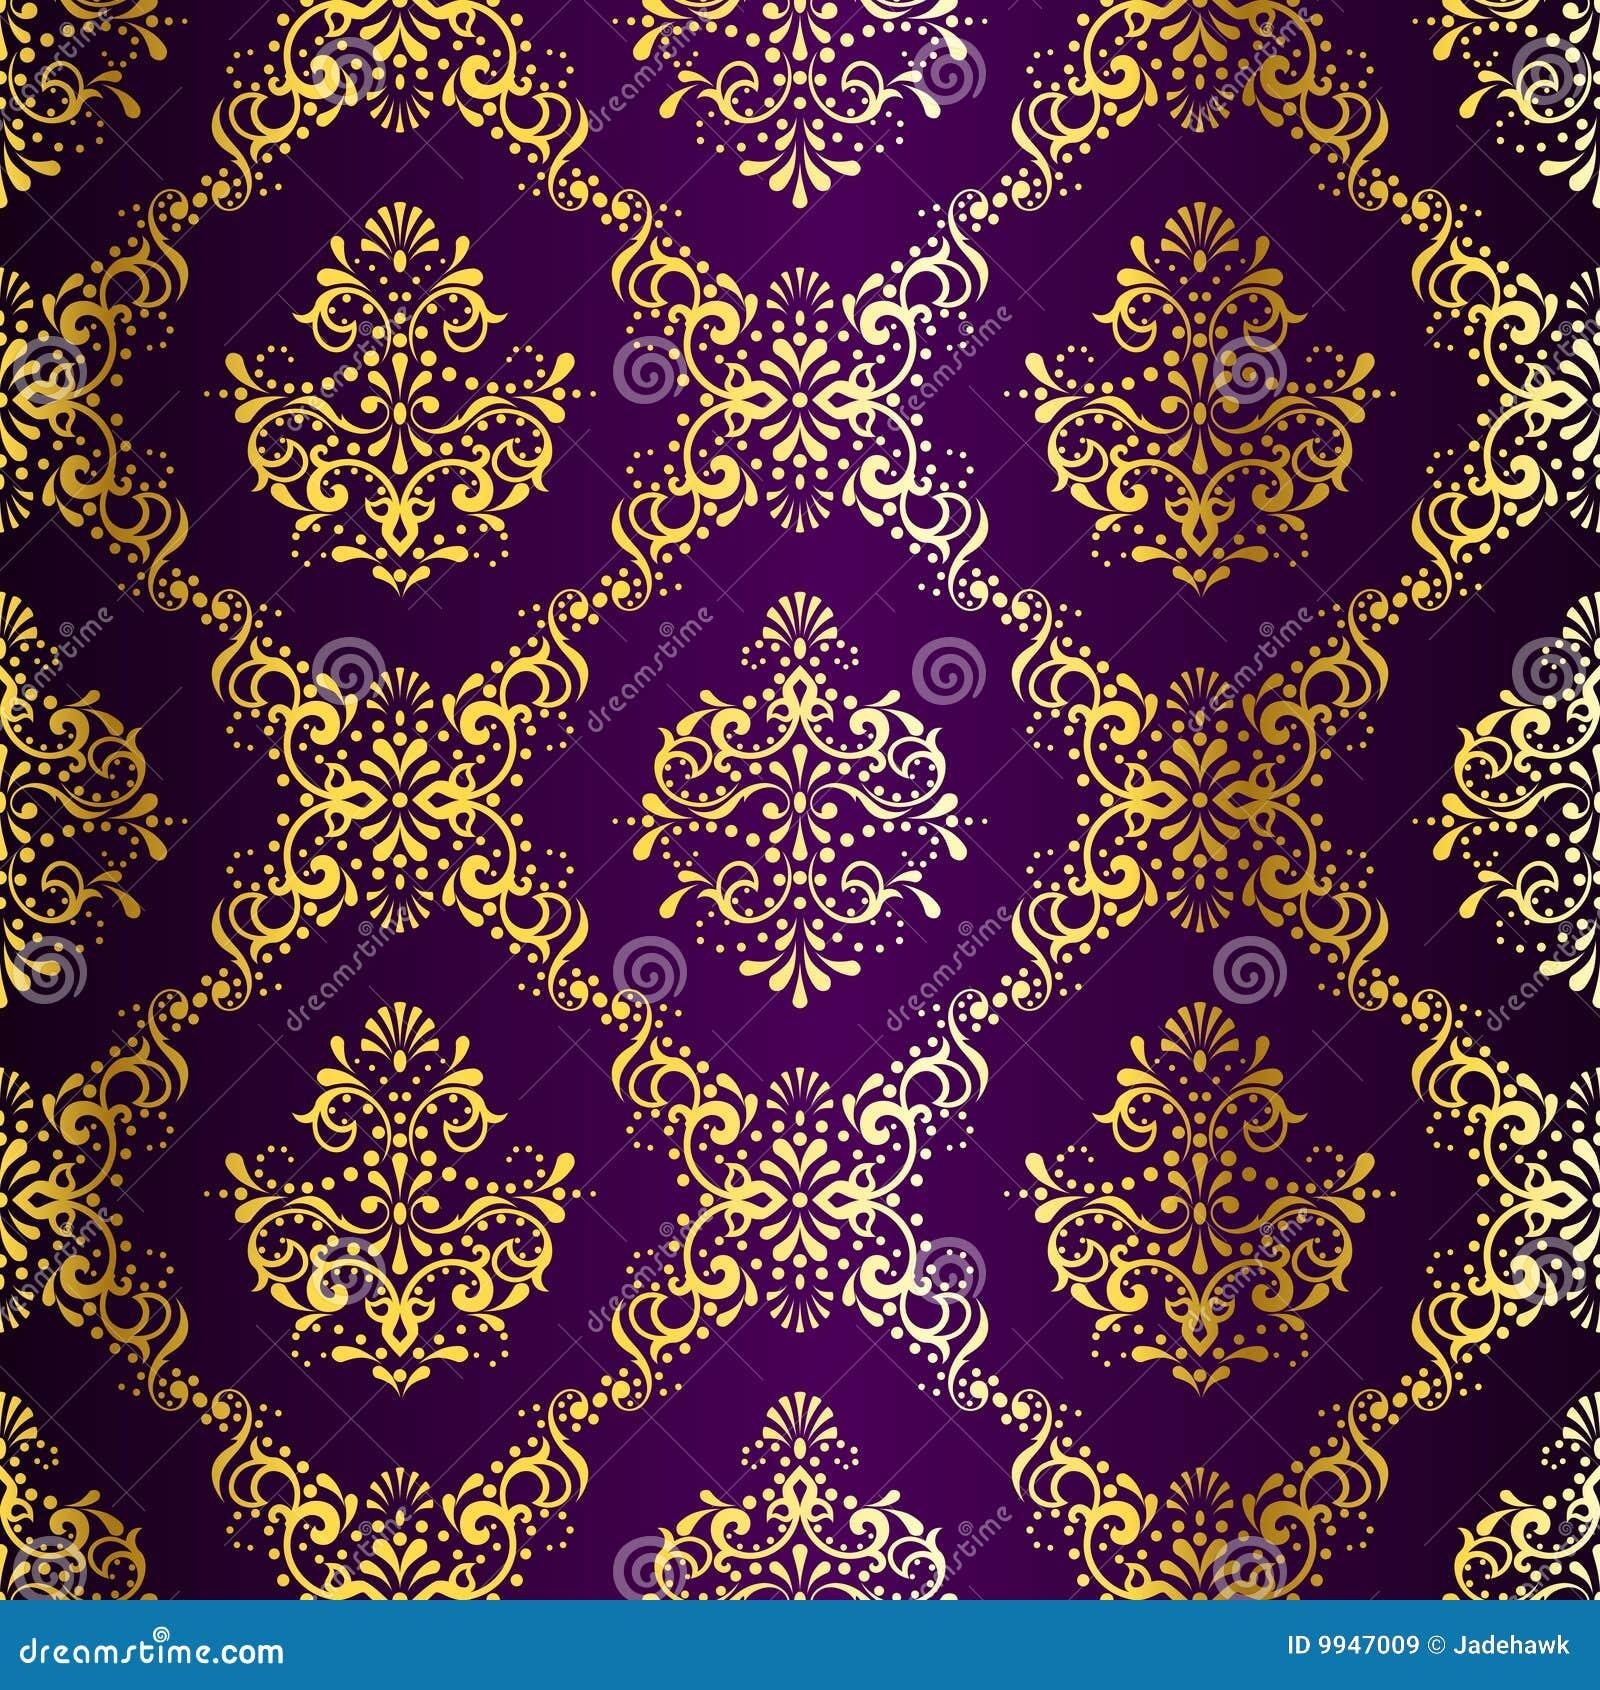 pattern royalty background patterns - photo #11